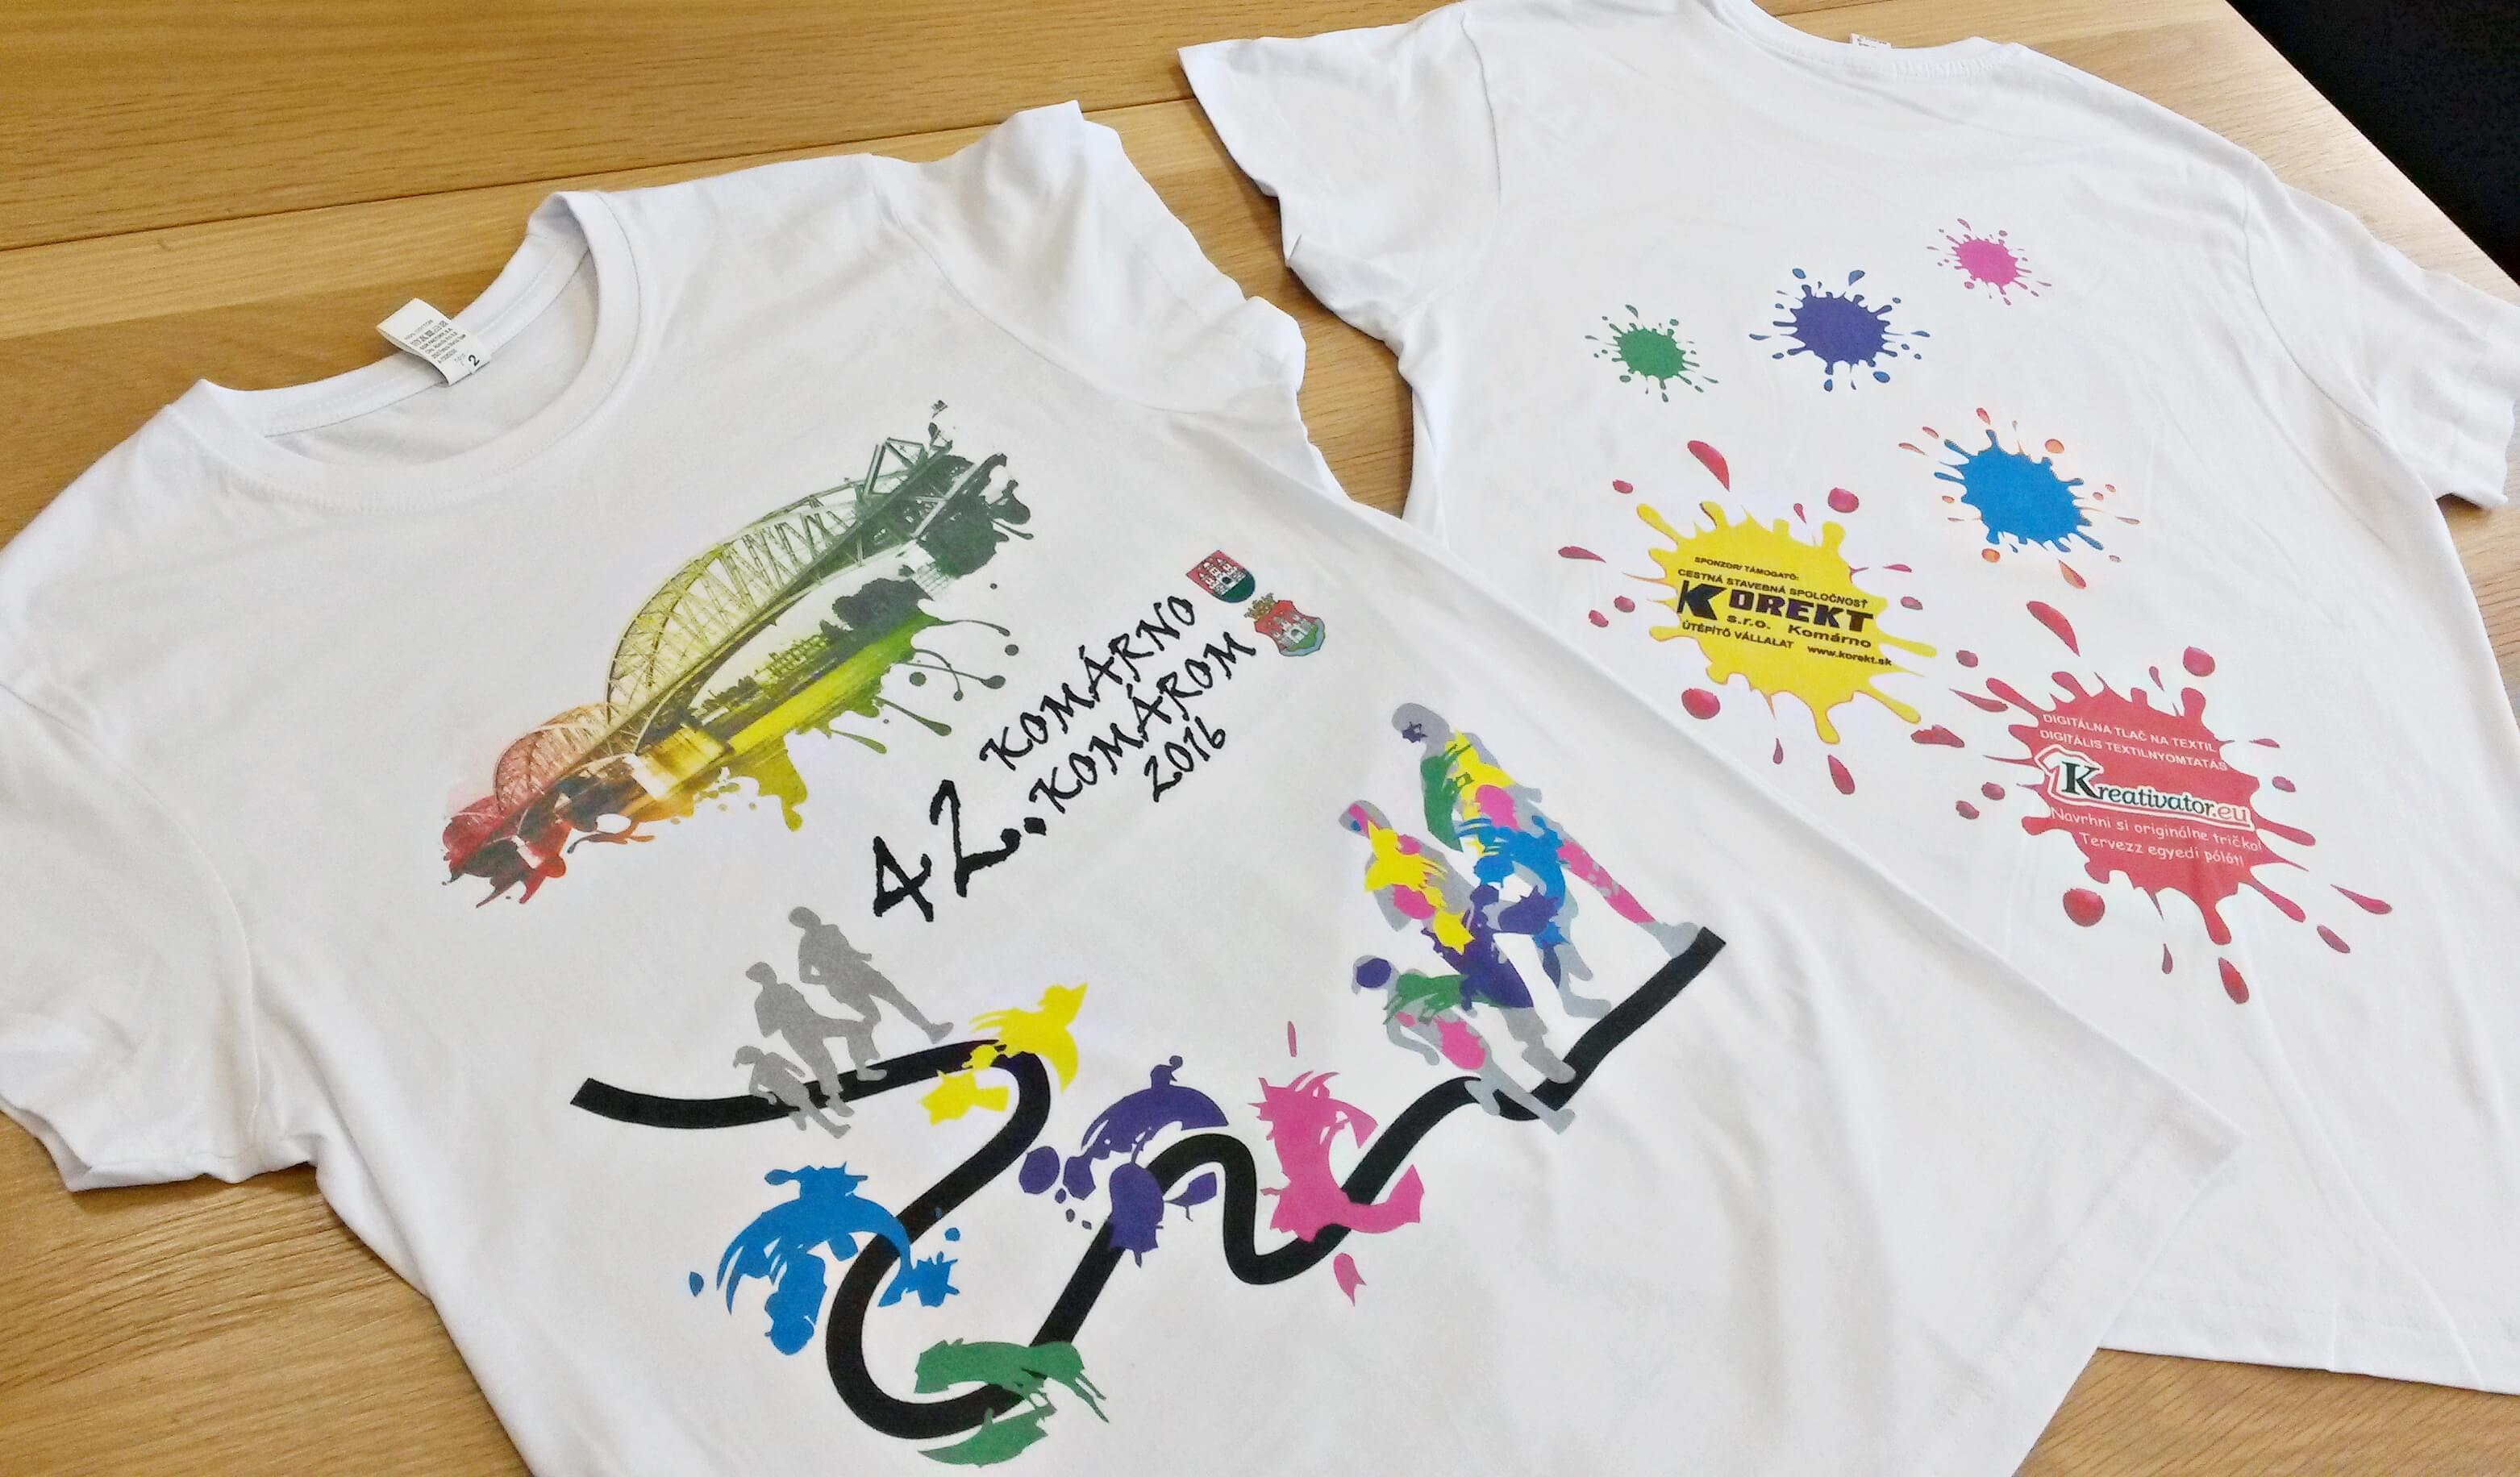 Komáromi napok futóverseny 2016 szponzor pólók